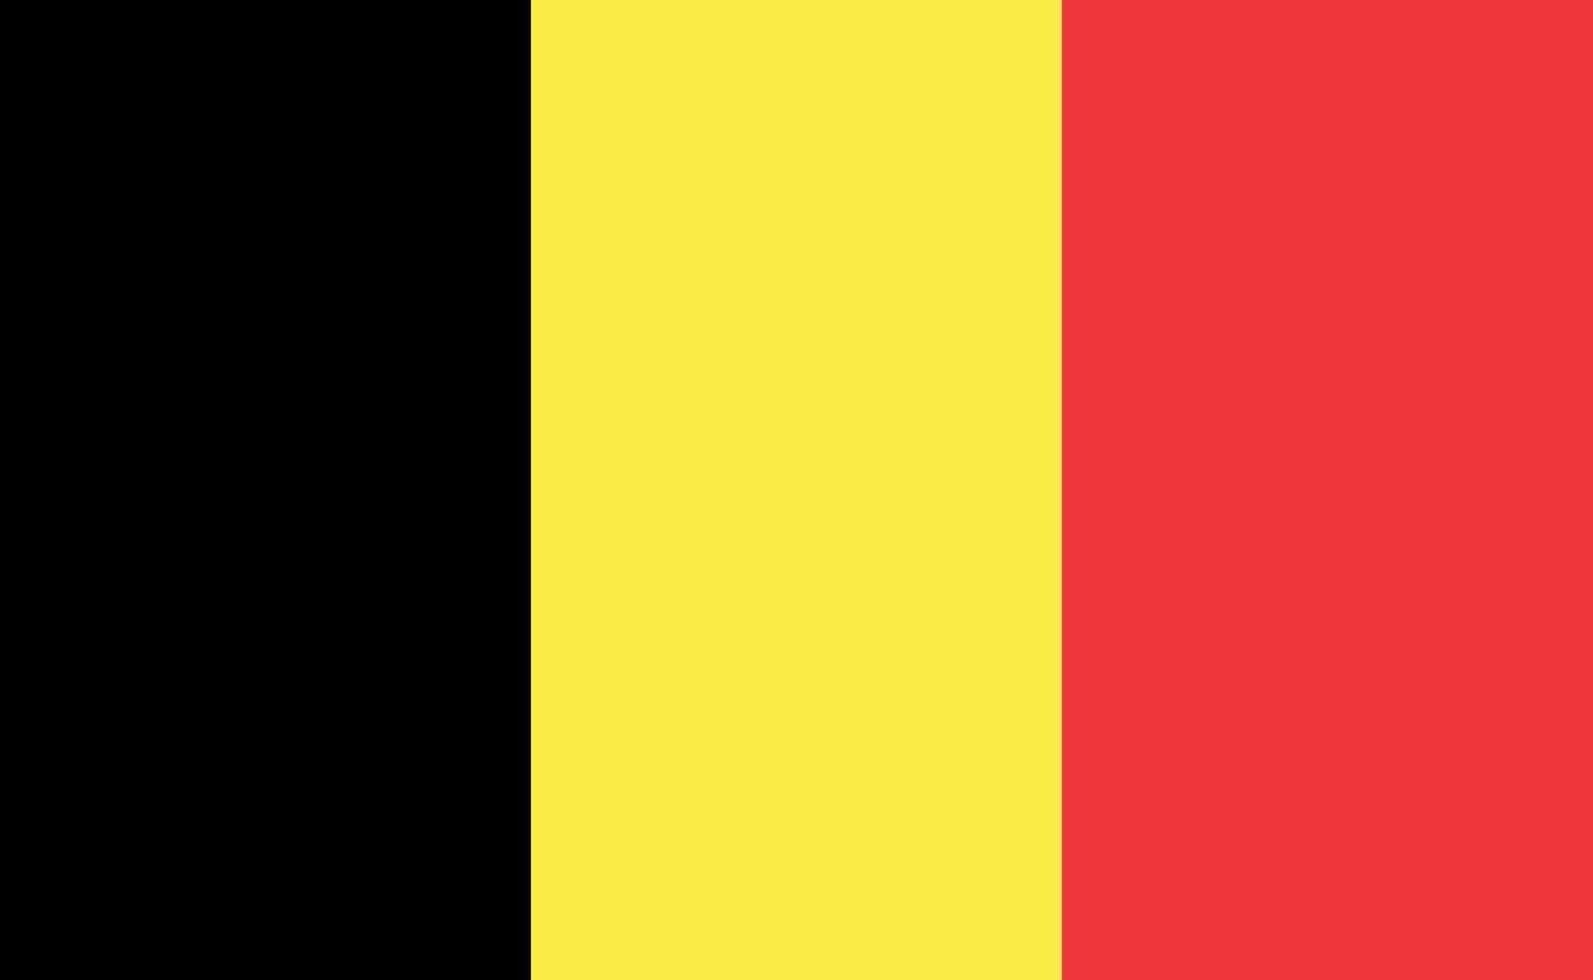 drapeau national belge dans des proportions exactes - illustration vectorielle vecteur